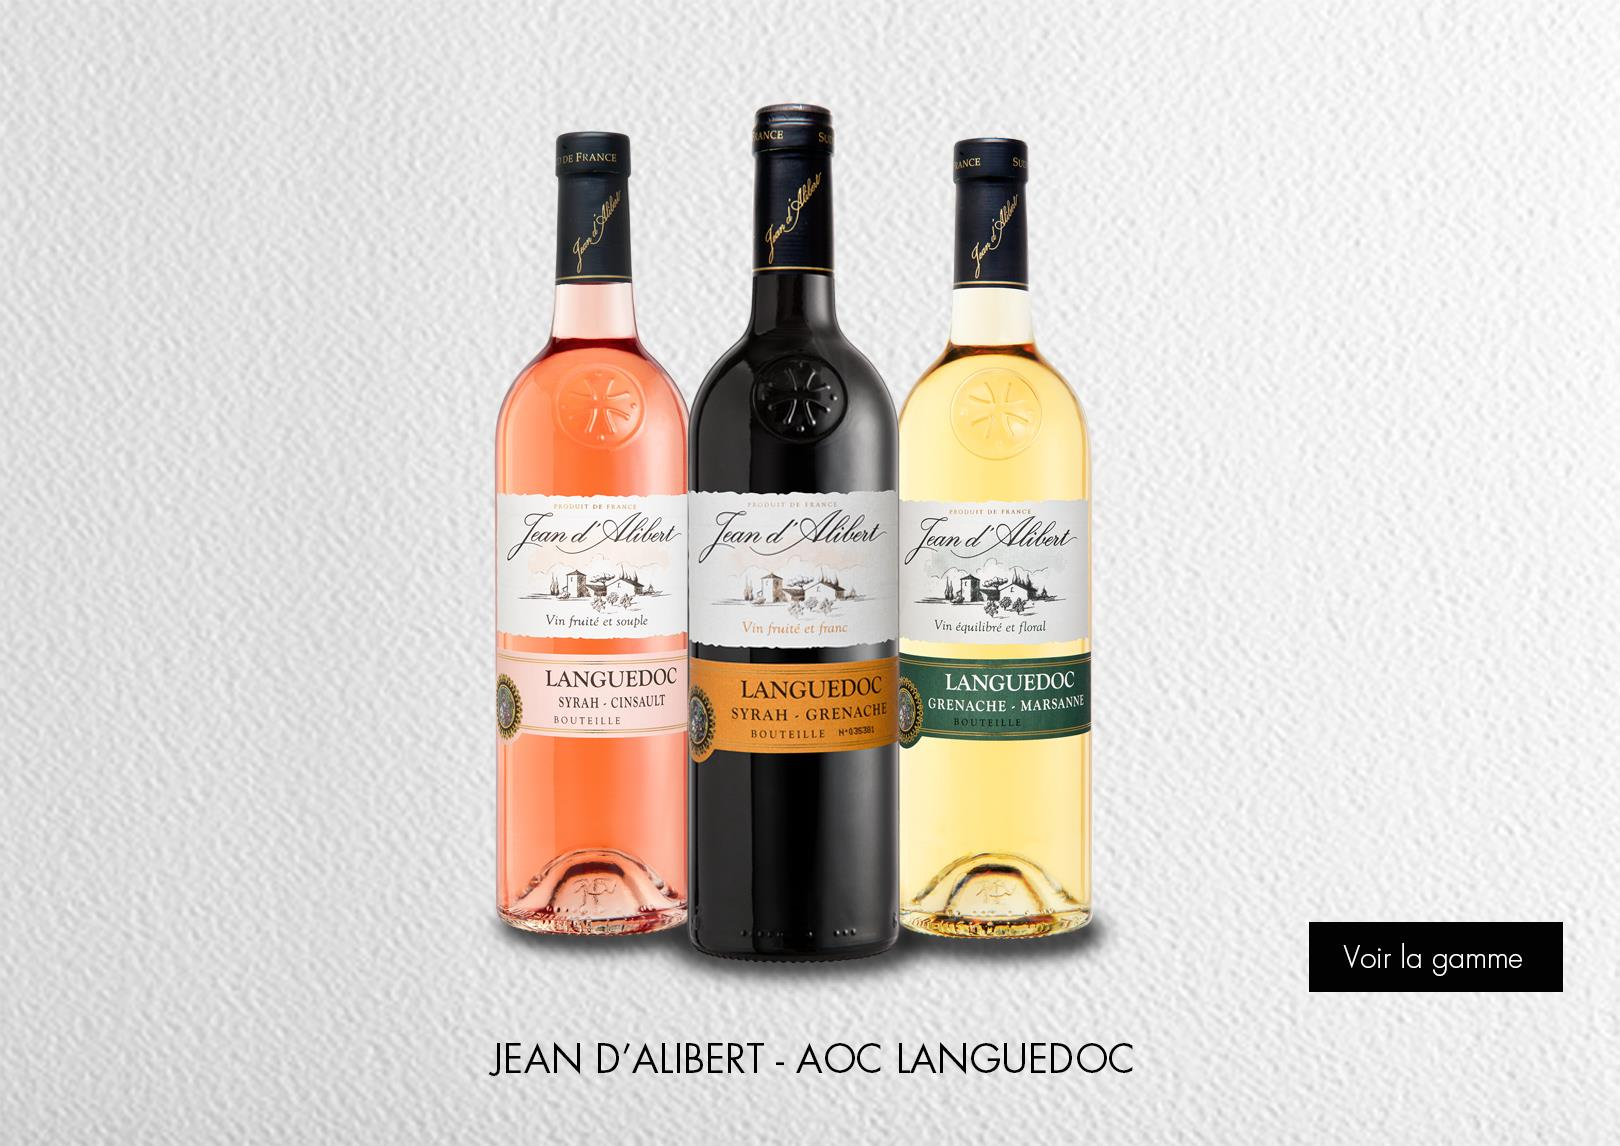 Jean d'Alibert - AOC Languedoc : Gamme Marques et Signatures